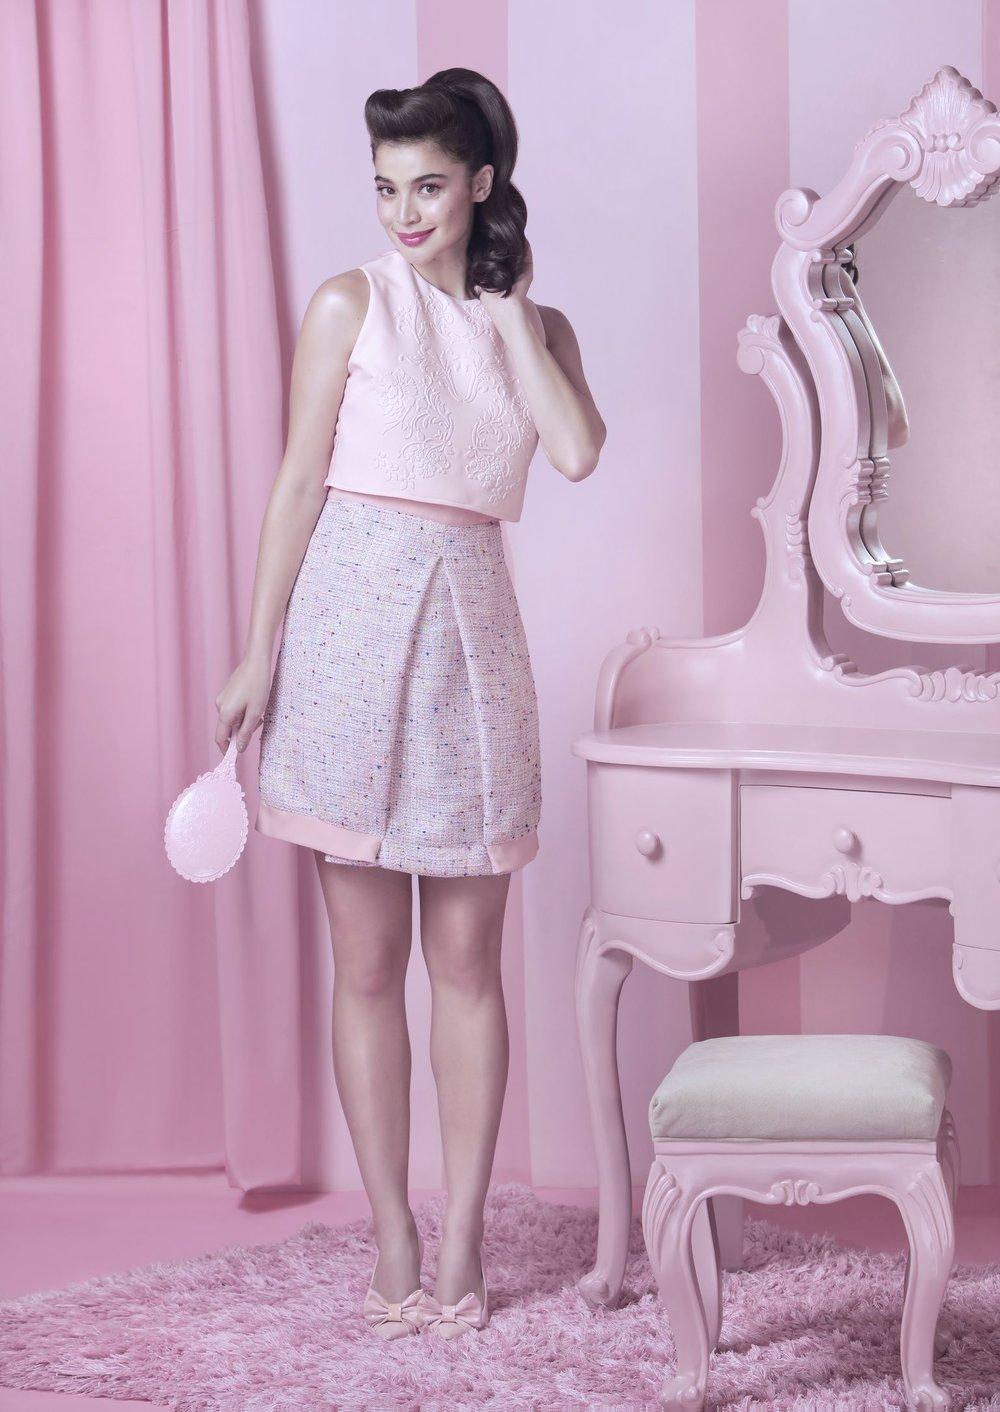 Blush Beauty_Anne Curtis.jpg